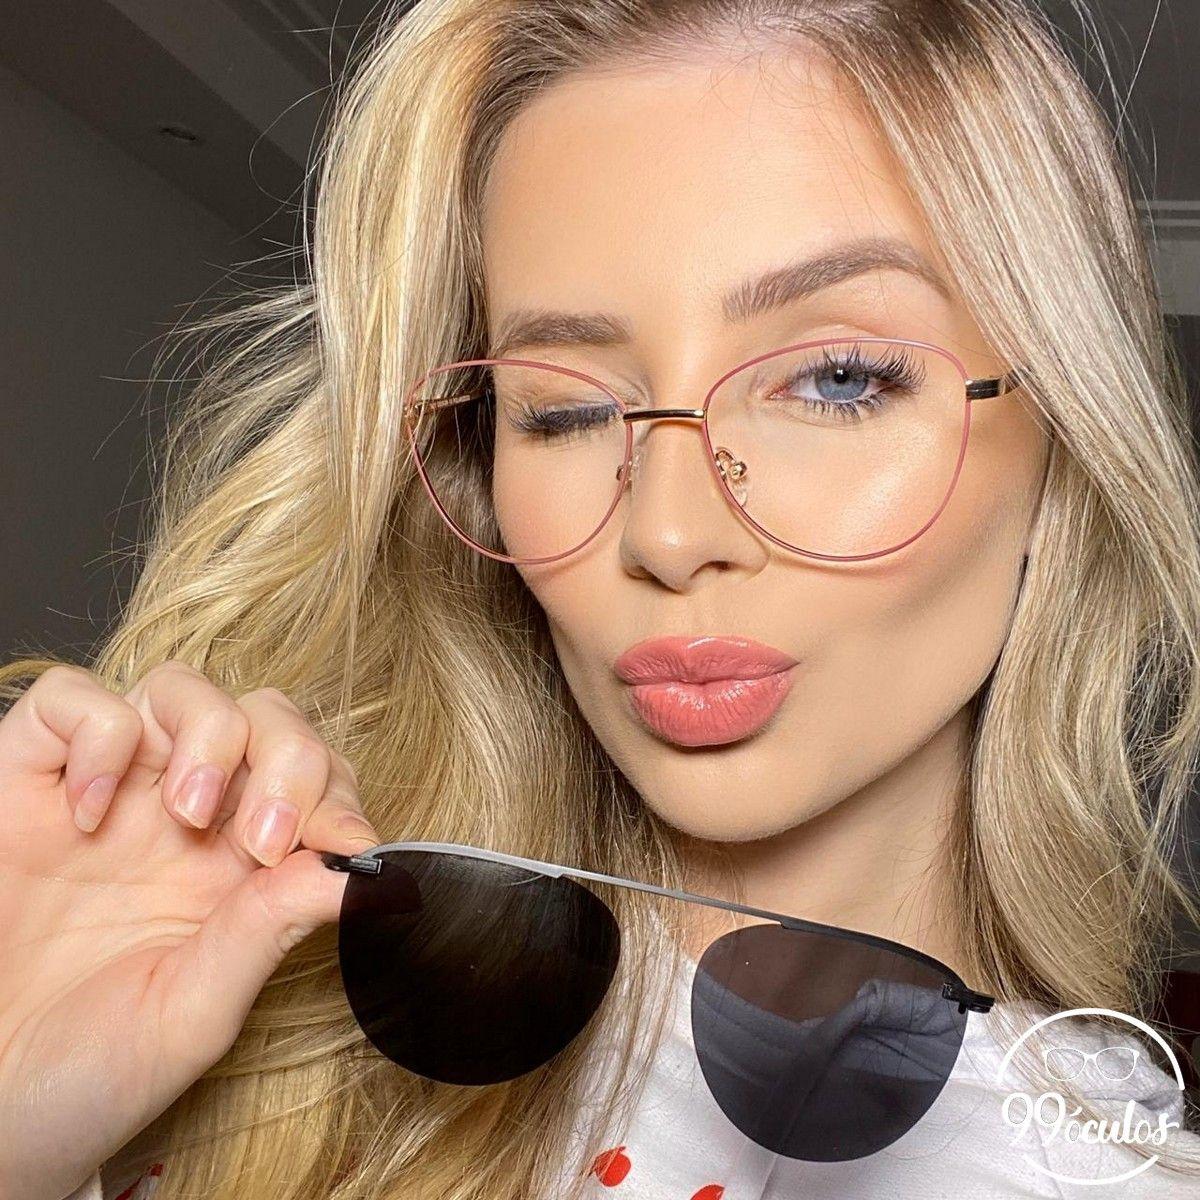 Armacao Para Grau 2 Em 1 Zane 99 Oculos Em 2020 Armacoes De